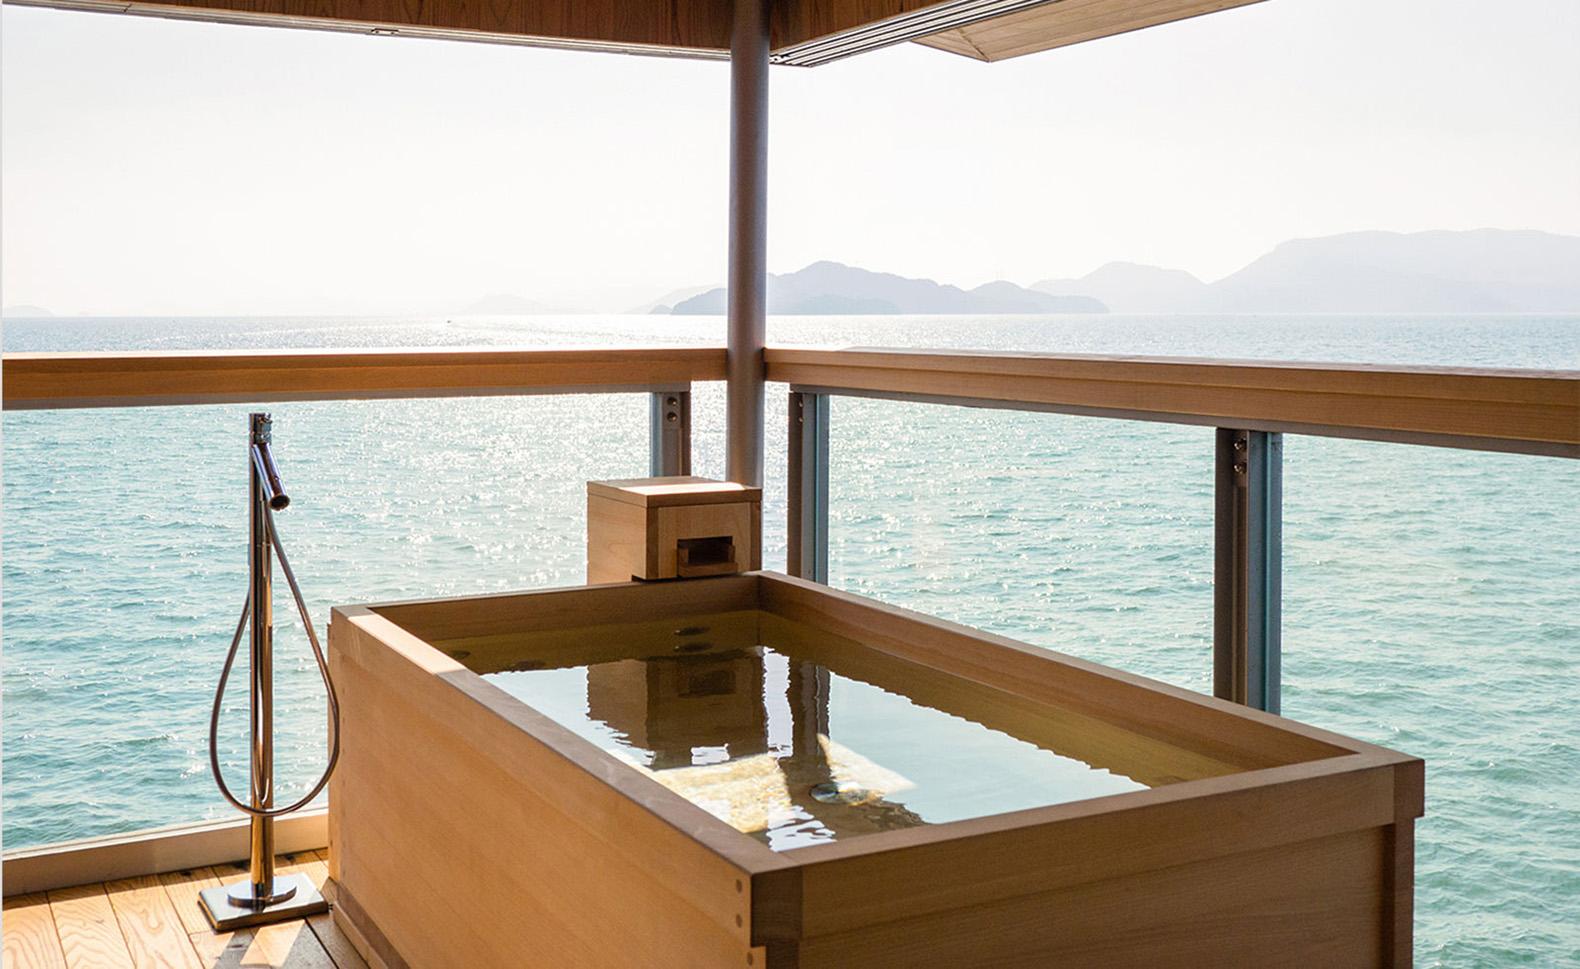 Guntu, il floating hotel che naviga le coste giapponesi | Collater.al 8